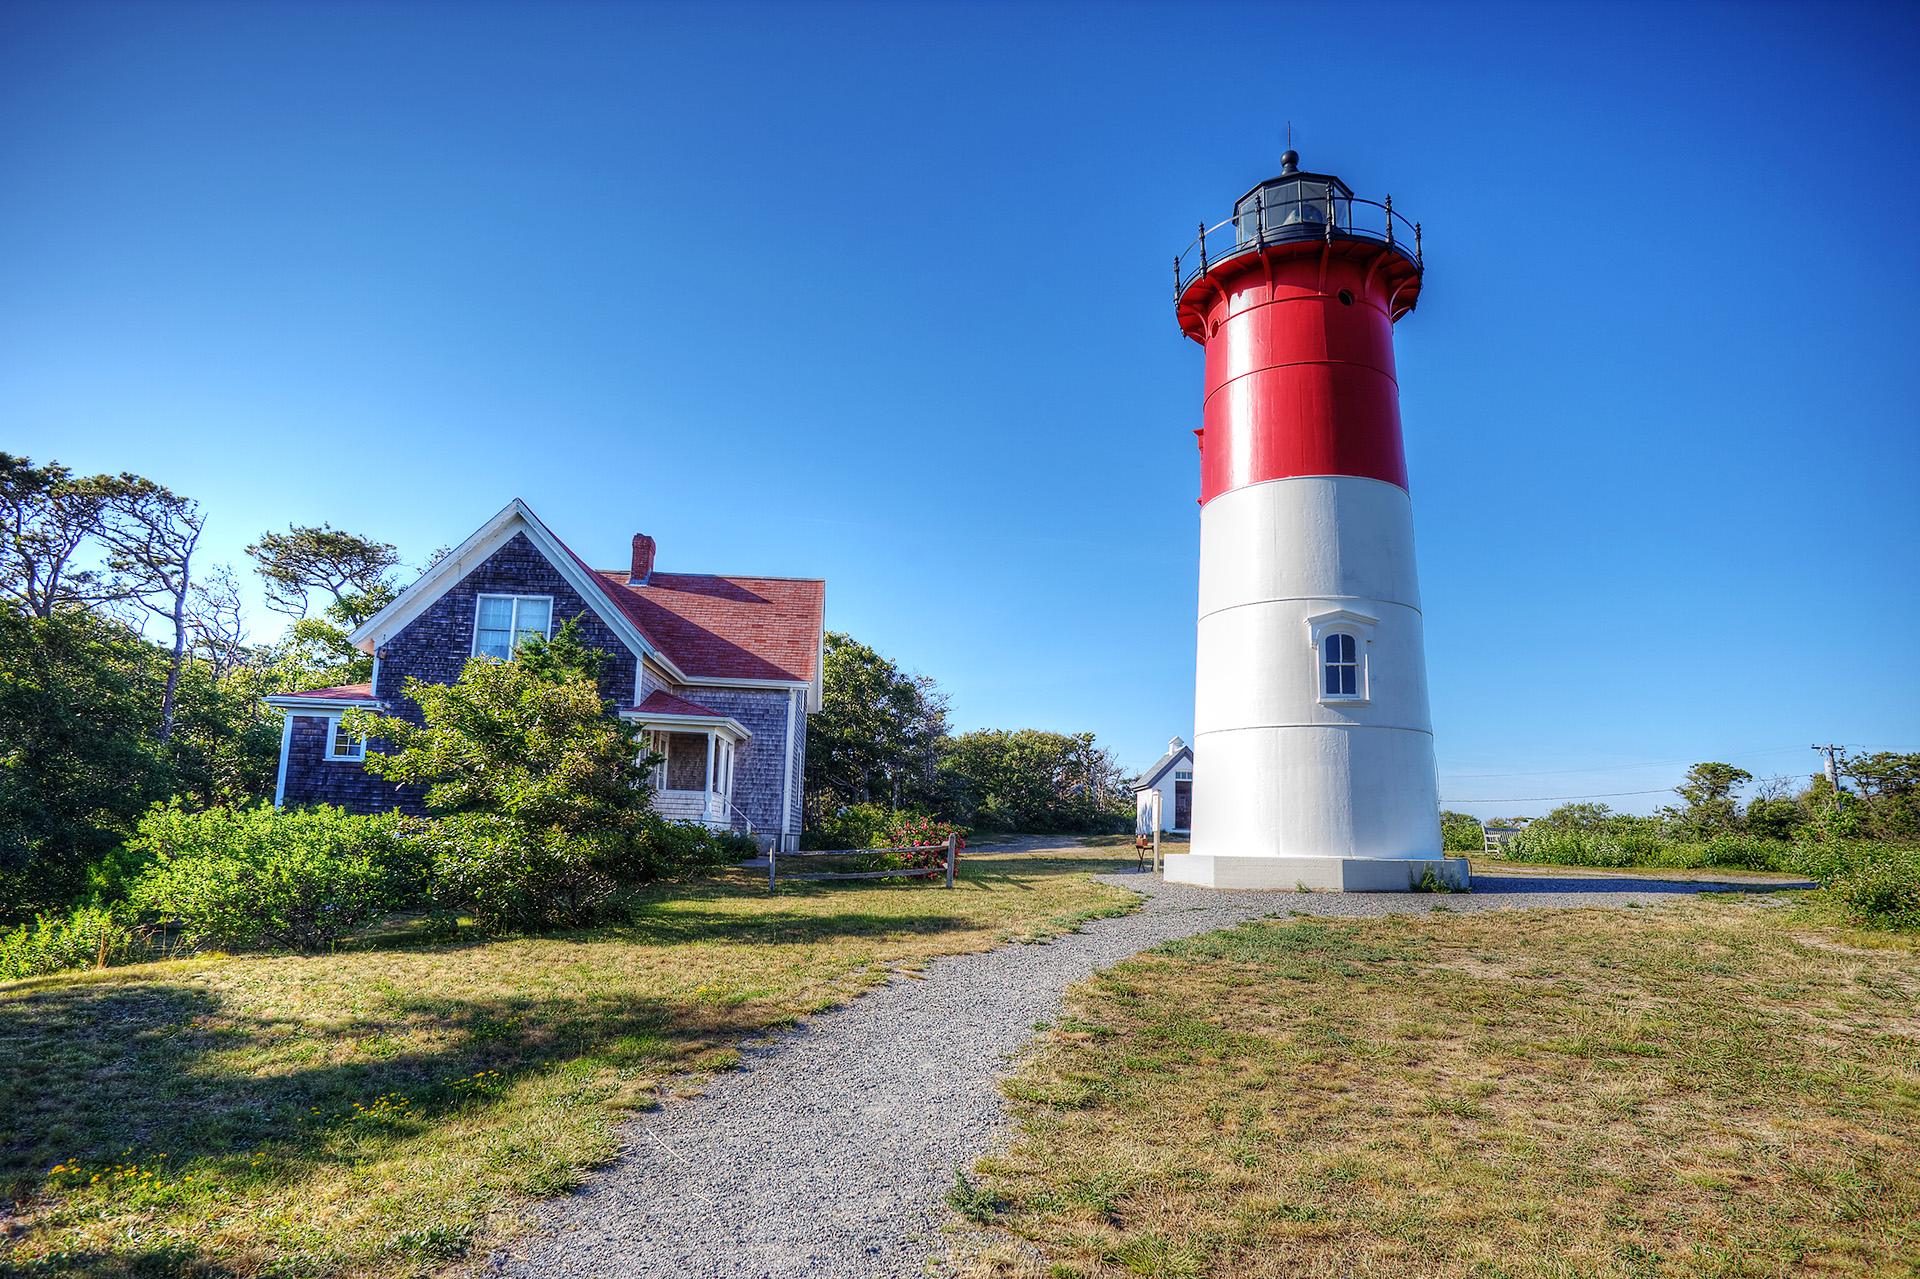 Nauset Lighthouse, Cape Cod, MA.